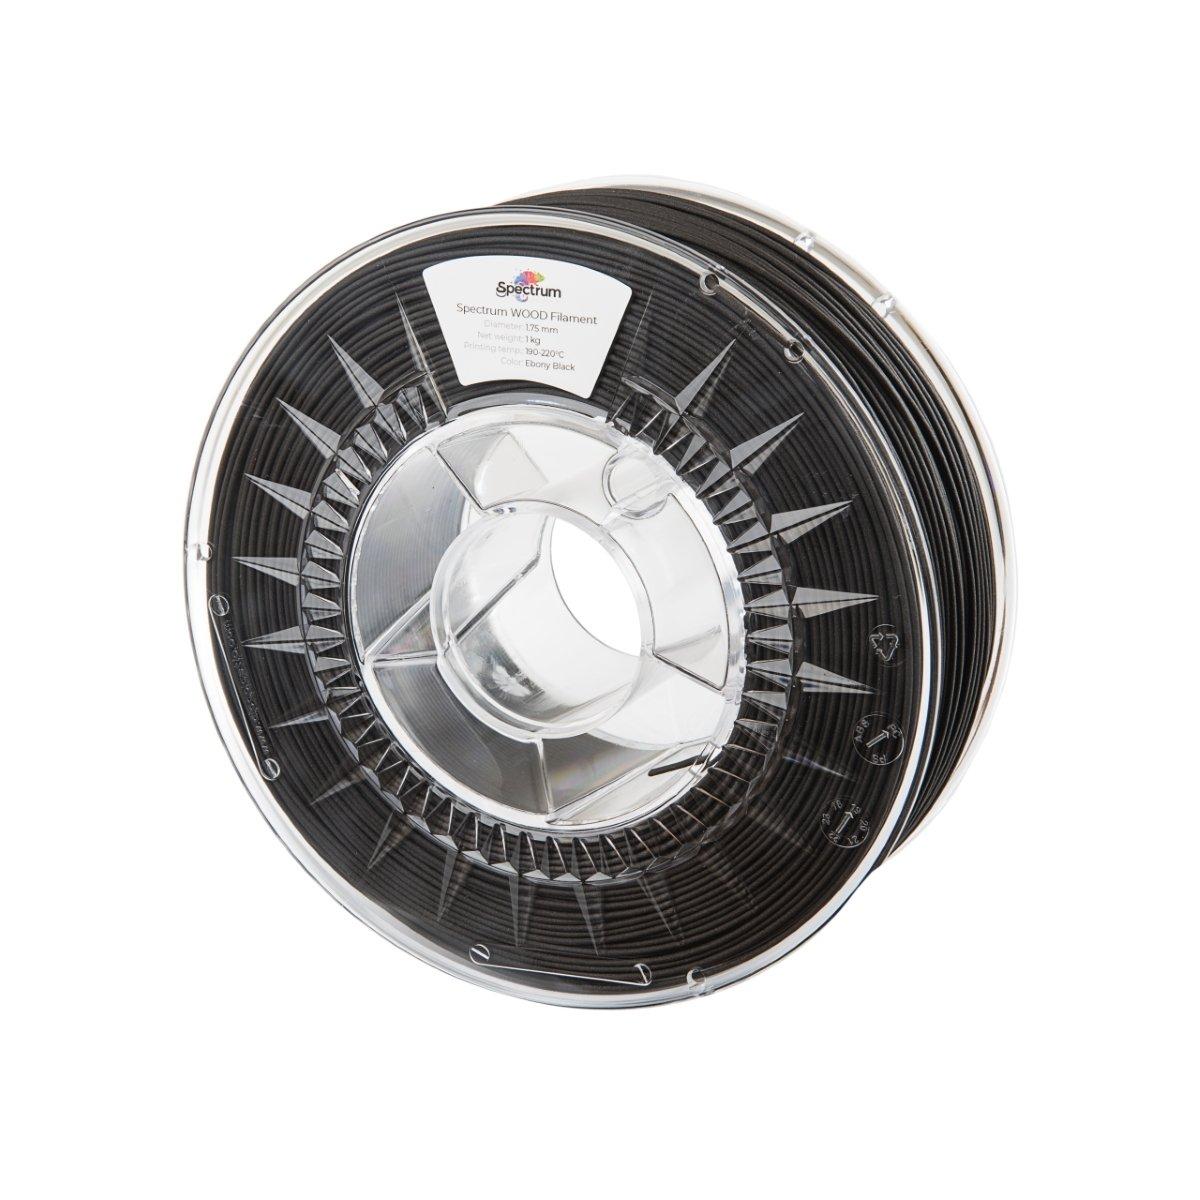 Billede af Spectrum Filaments - WOOD - 1.75mm - Ebony Black - 1 kg